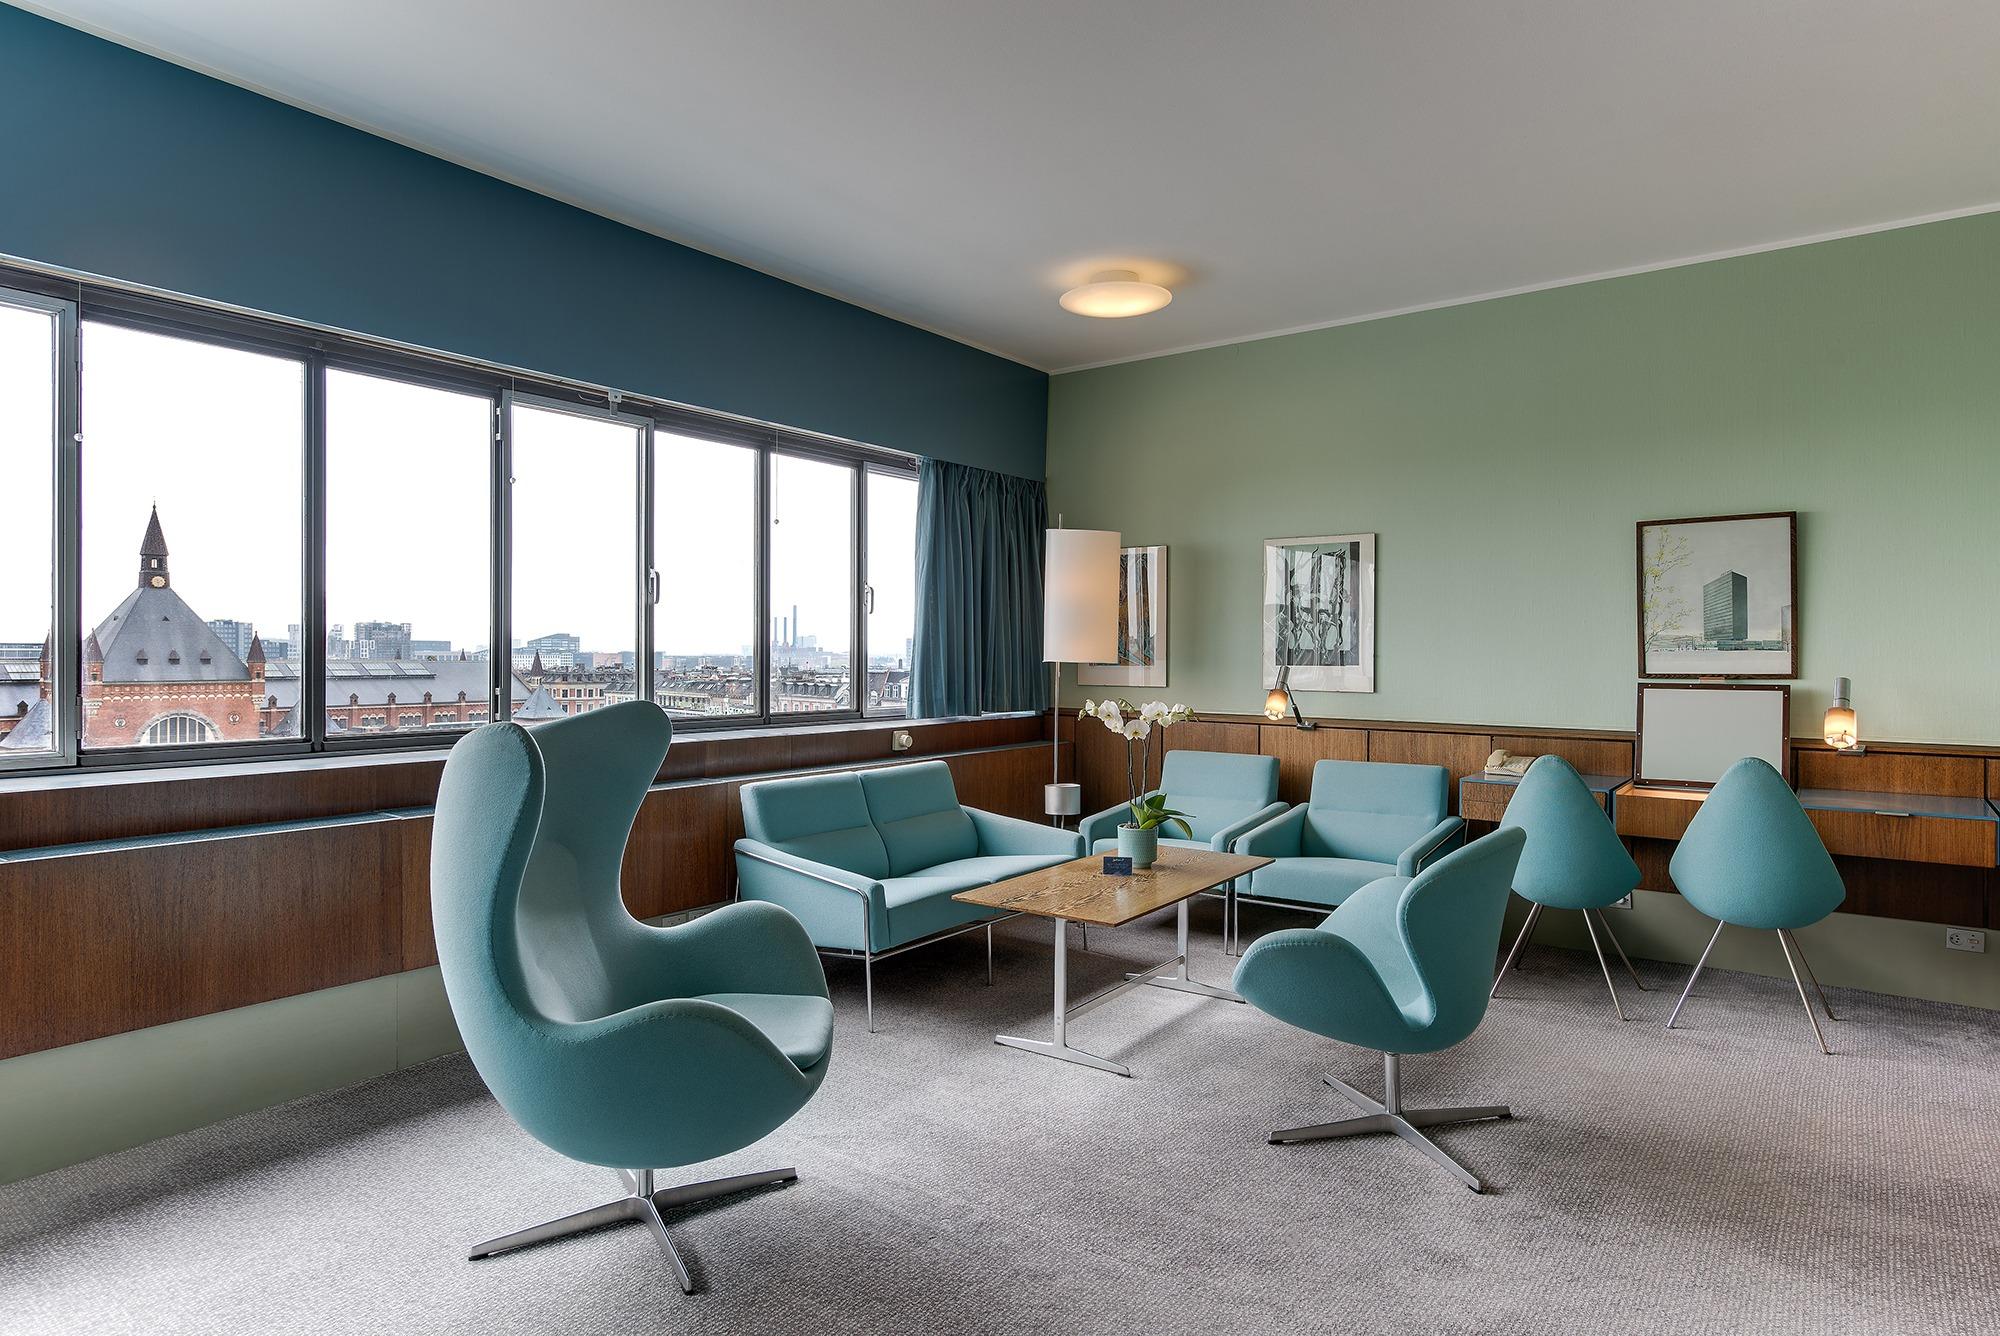 Det ikoniske værelse 606 på Royal Hotel er bevaret nøjagtigt, som det blev designet af Arne Jacobsen. Det udlejes ikke mere og er dermed formentlig Danmarks eneste museumsværelse på et hotel. PR-foto fra Radisson Collection Royal Hotel.